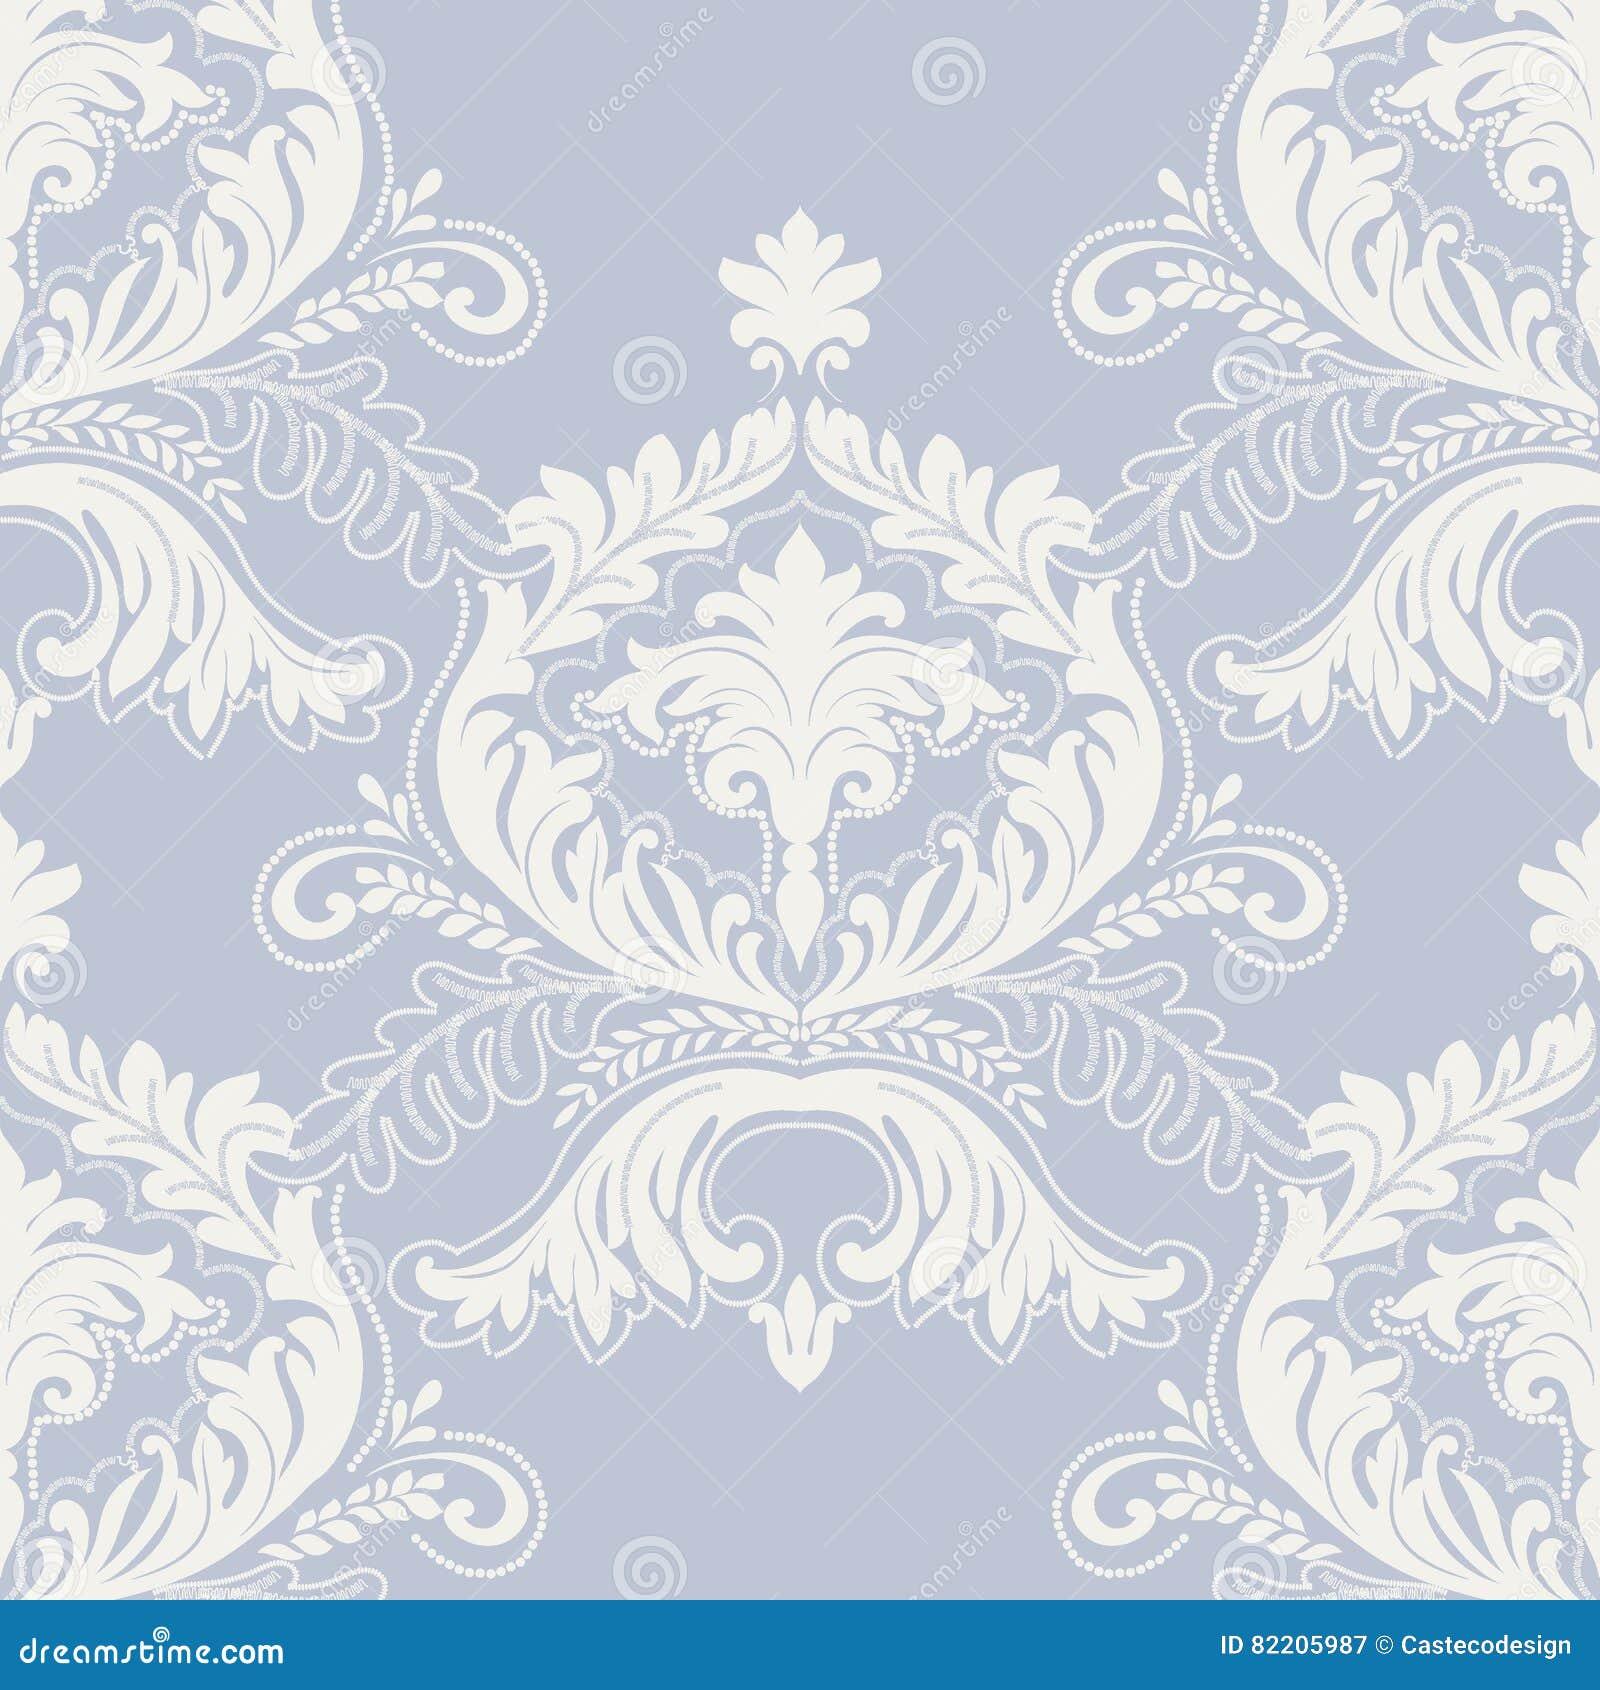 与钩针编织元素的精美锦缎装饰品